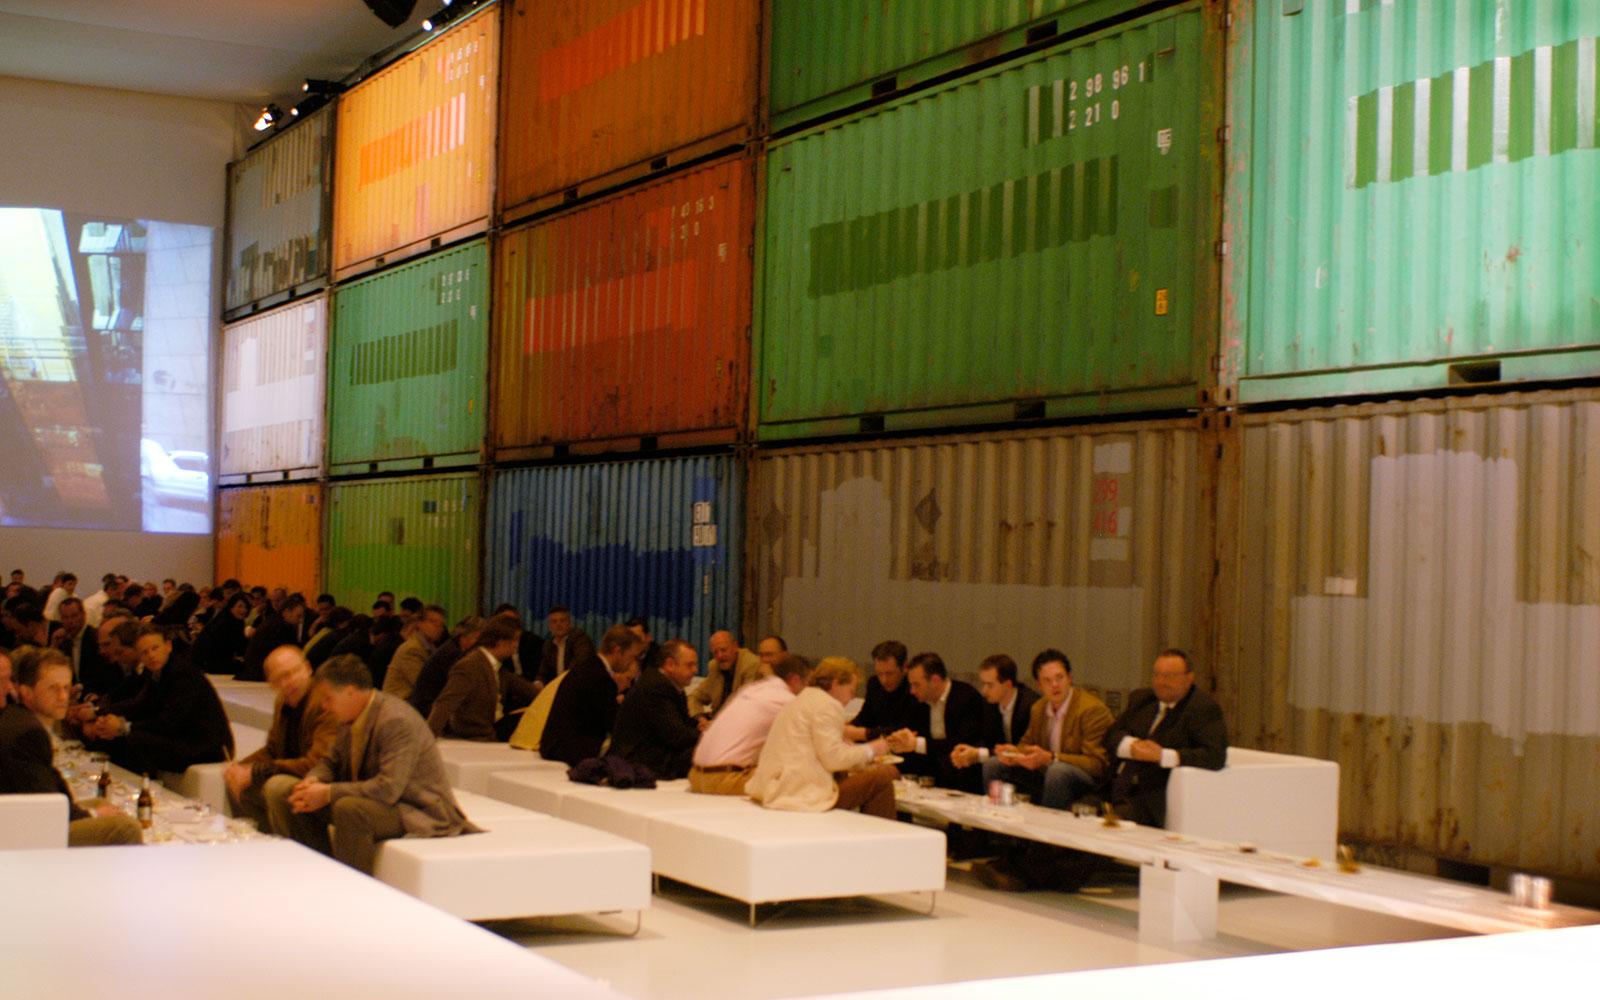 bên trong không gian hội nghị volvo C30 bằng container